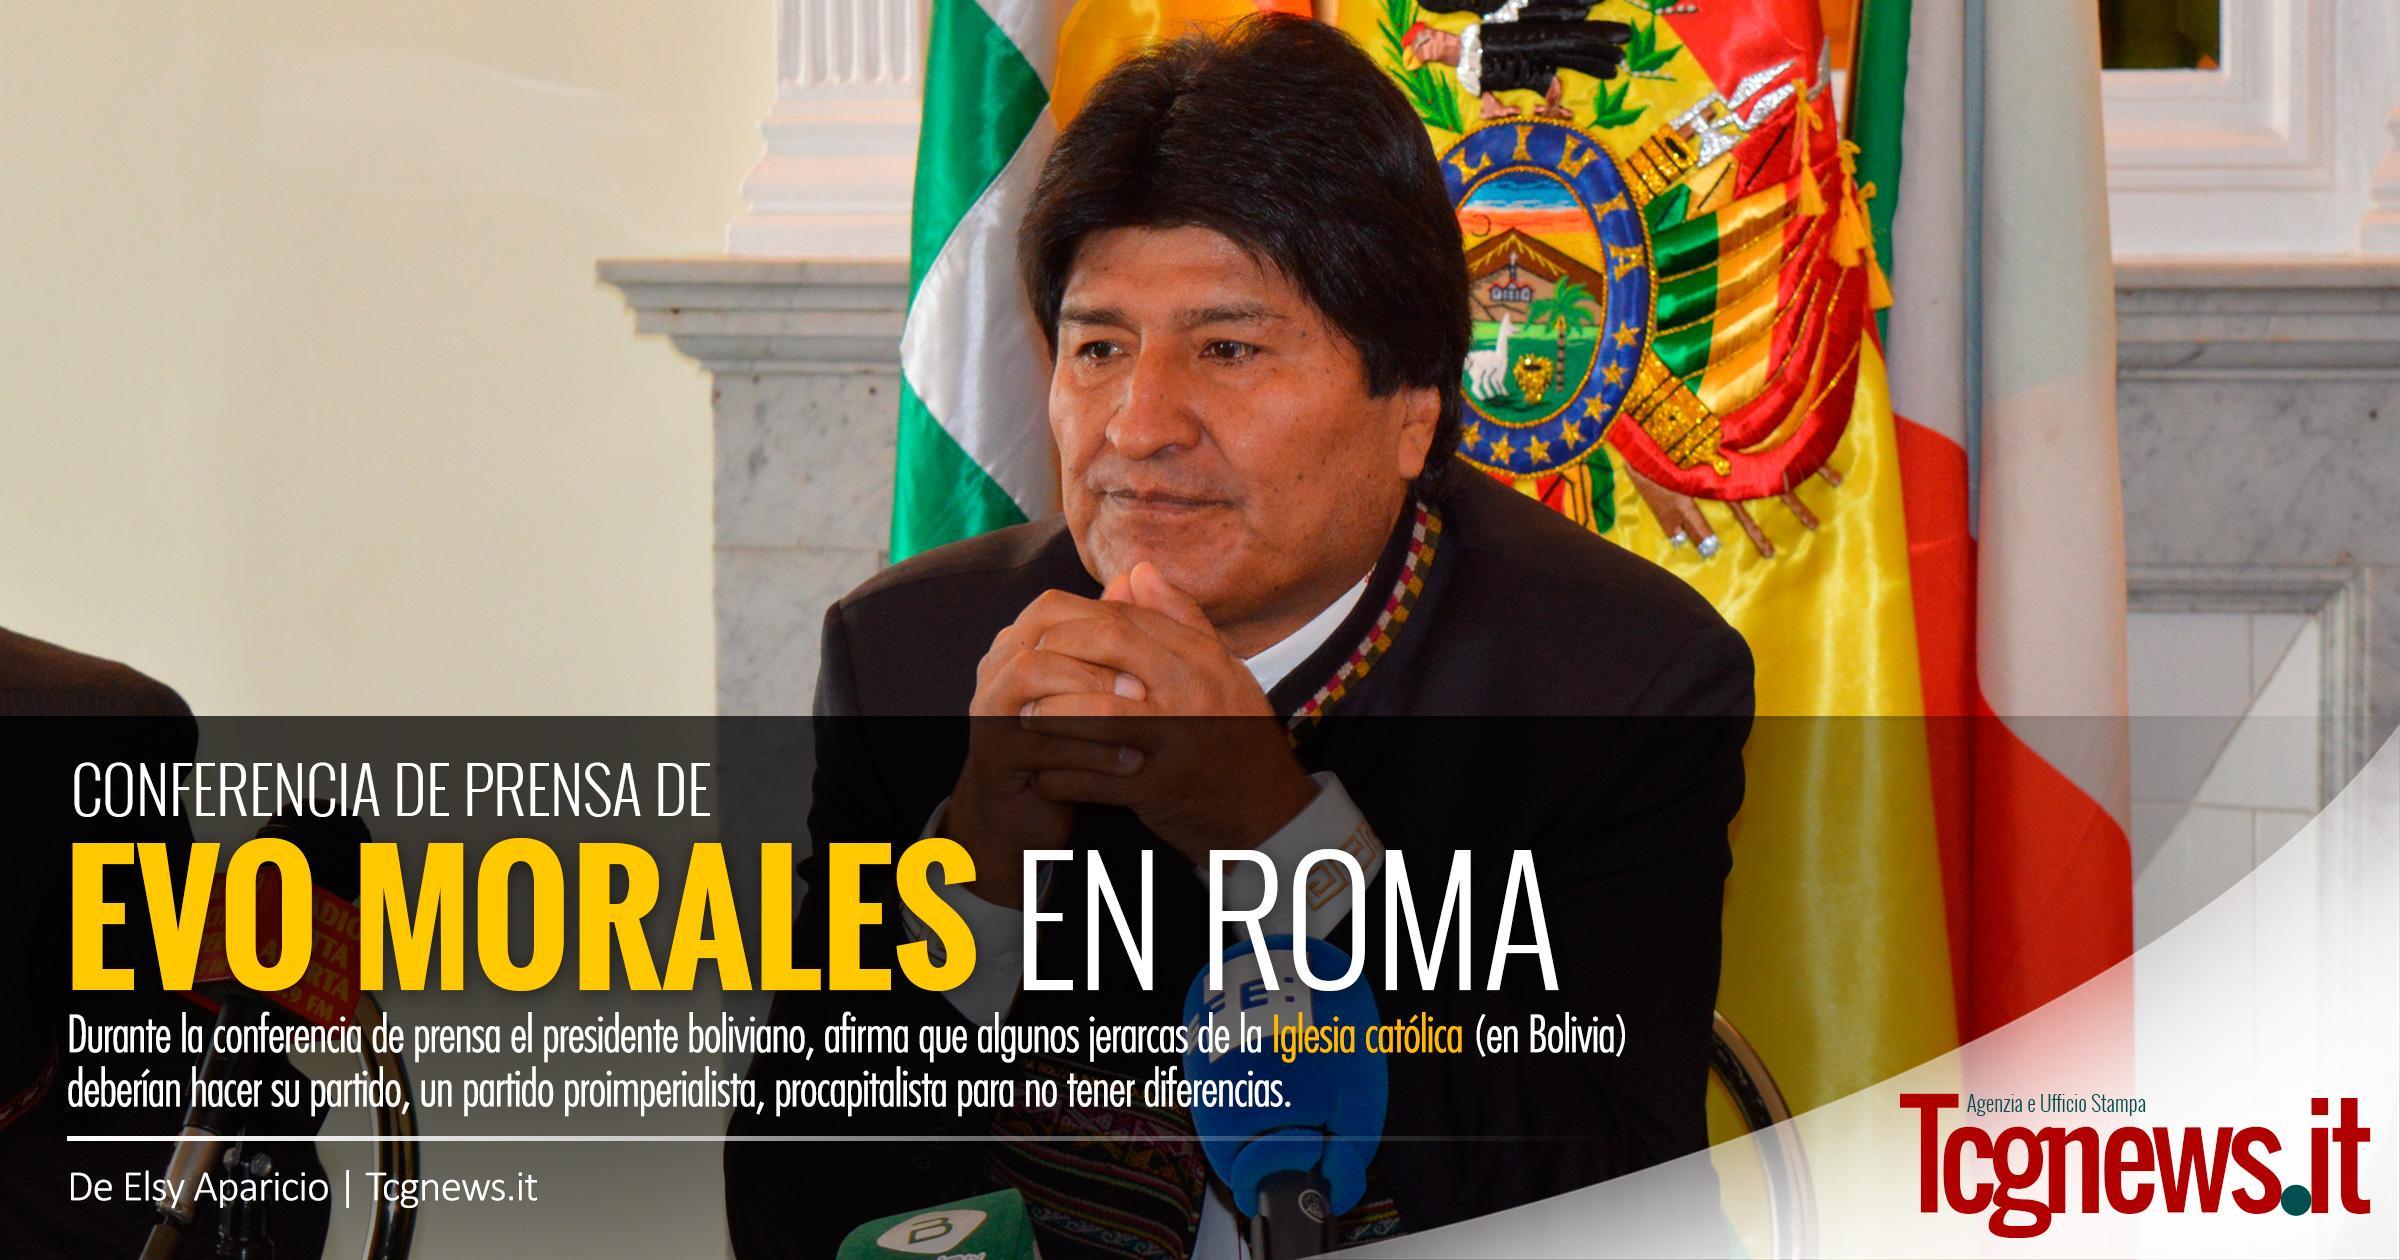 EVO MORALES LANZA DURA CRÍTICA A LA EPISCOPAL BOLIVIANA